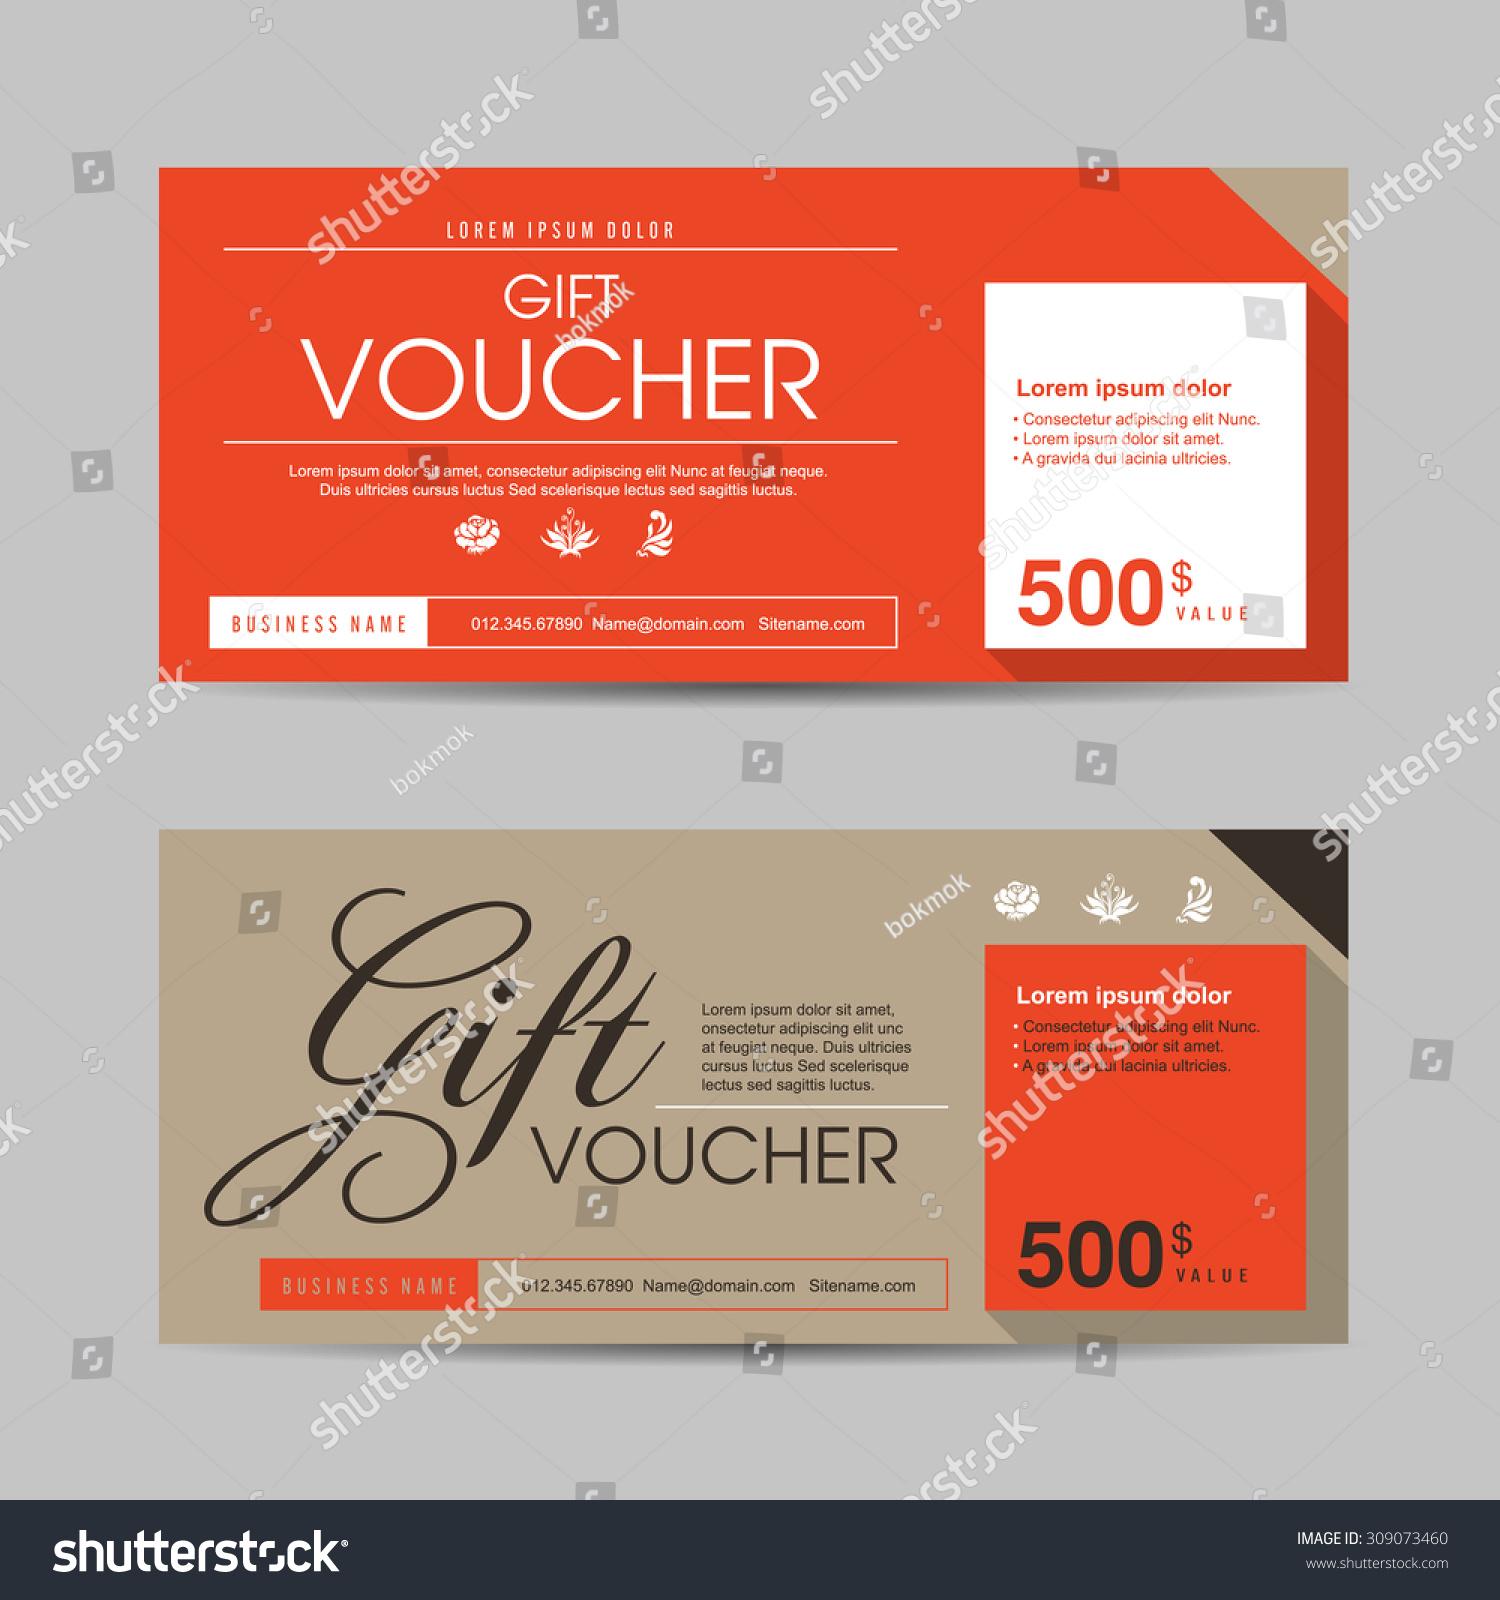 gift voucher layout